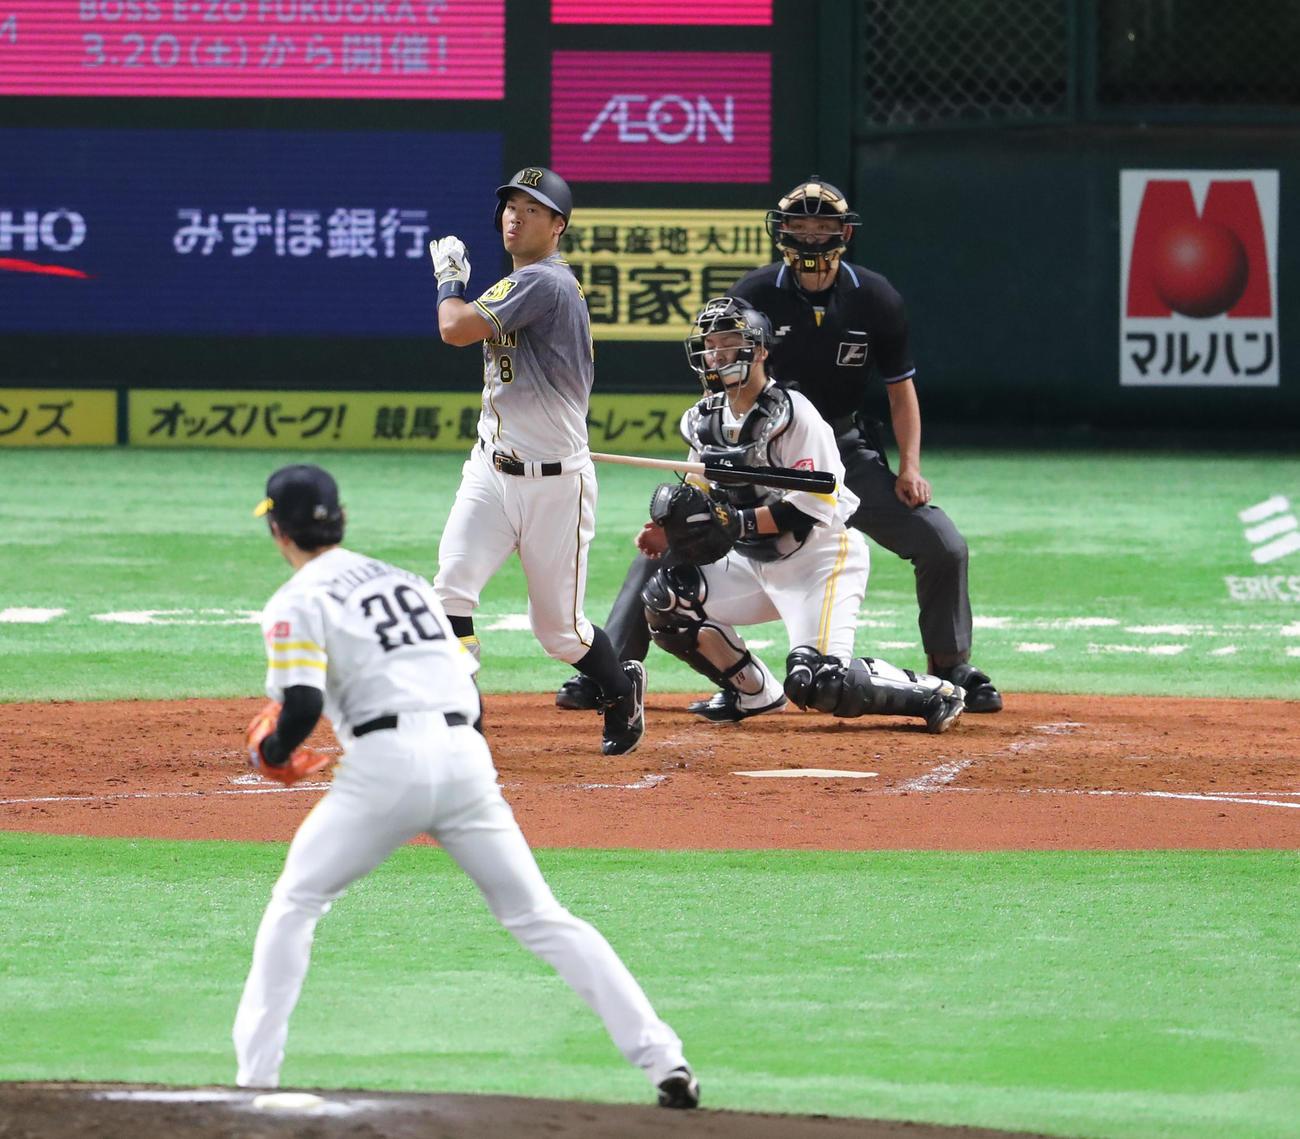 ソフトバンク対阪神 3回表阪神2死一塁、佐藤輝明は空振りの三振(撮影・梅根麻紀)